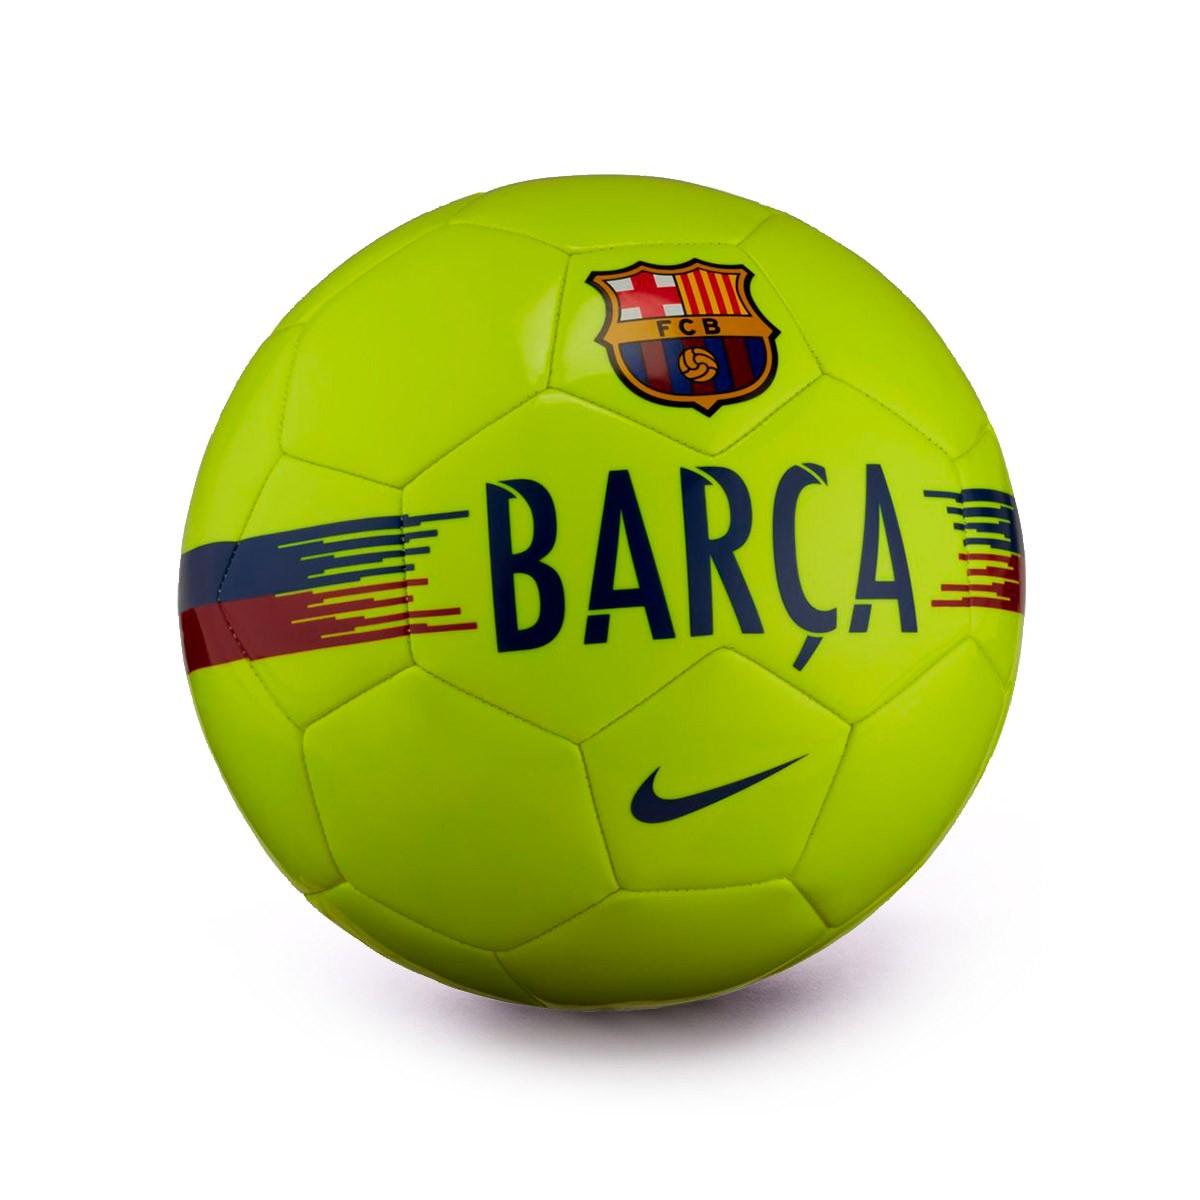 Balón Nike FC Barcelona Supporters 2018-2019 Volt-Noble red-Deep royal blue  - Soloporteros es ahora Fútbol Emotion ea7c195ebe4